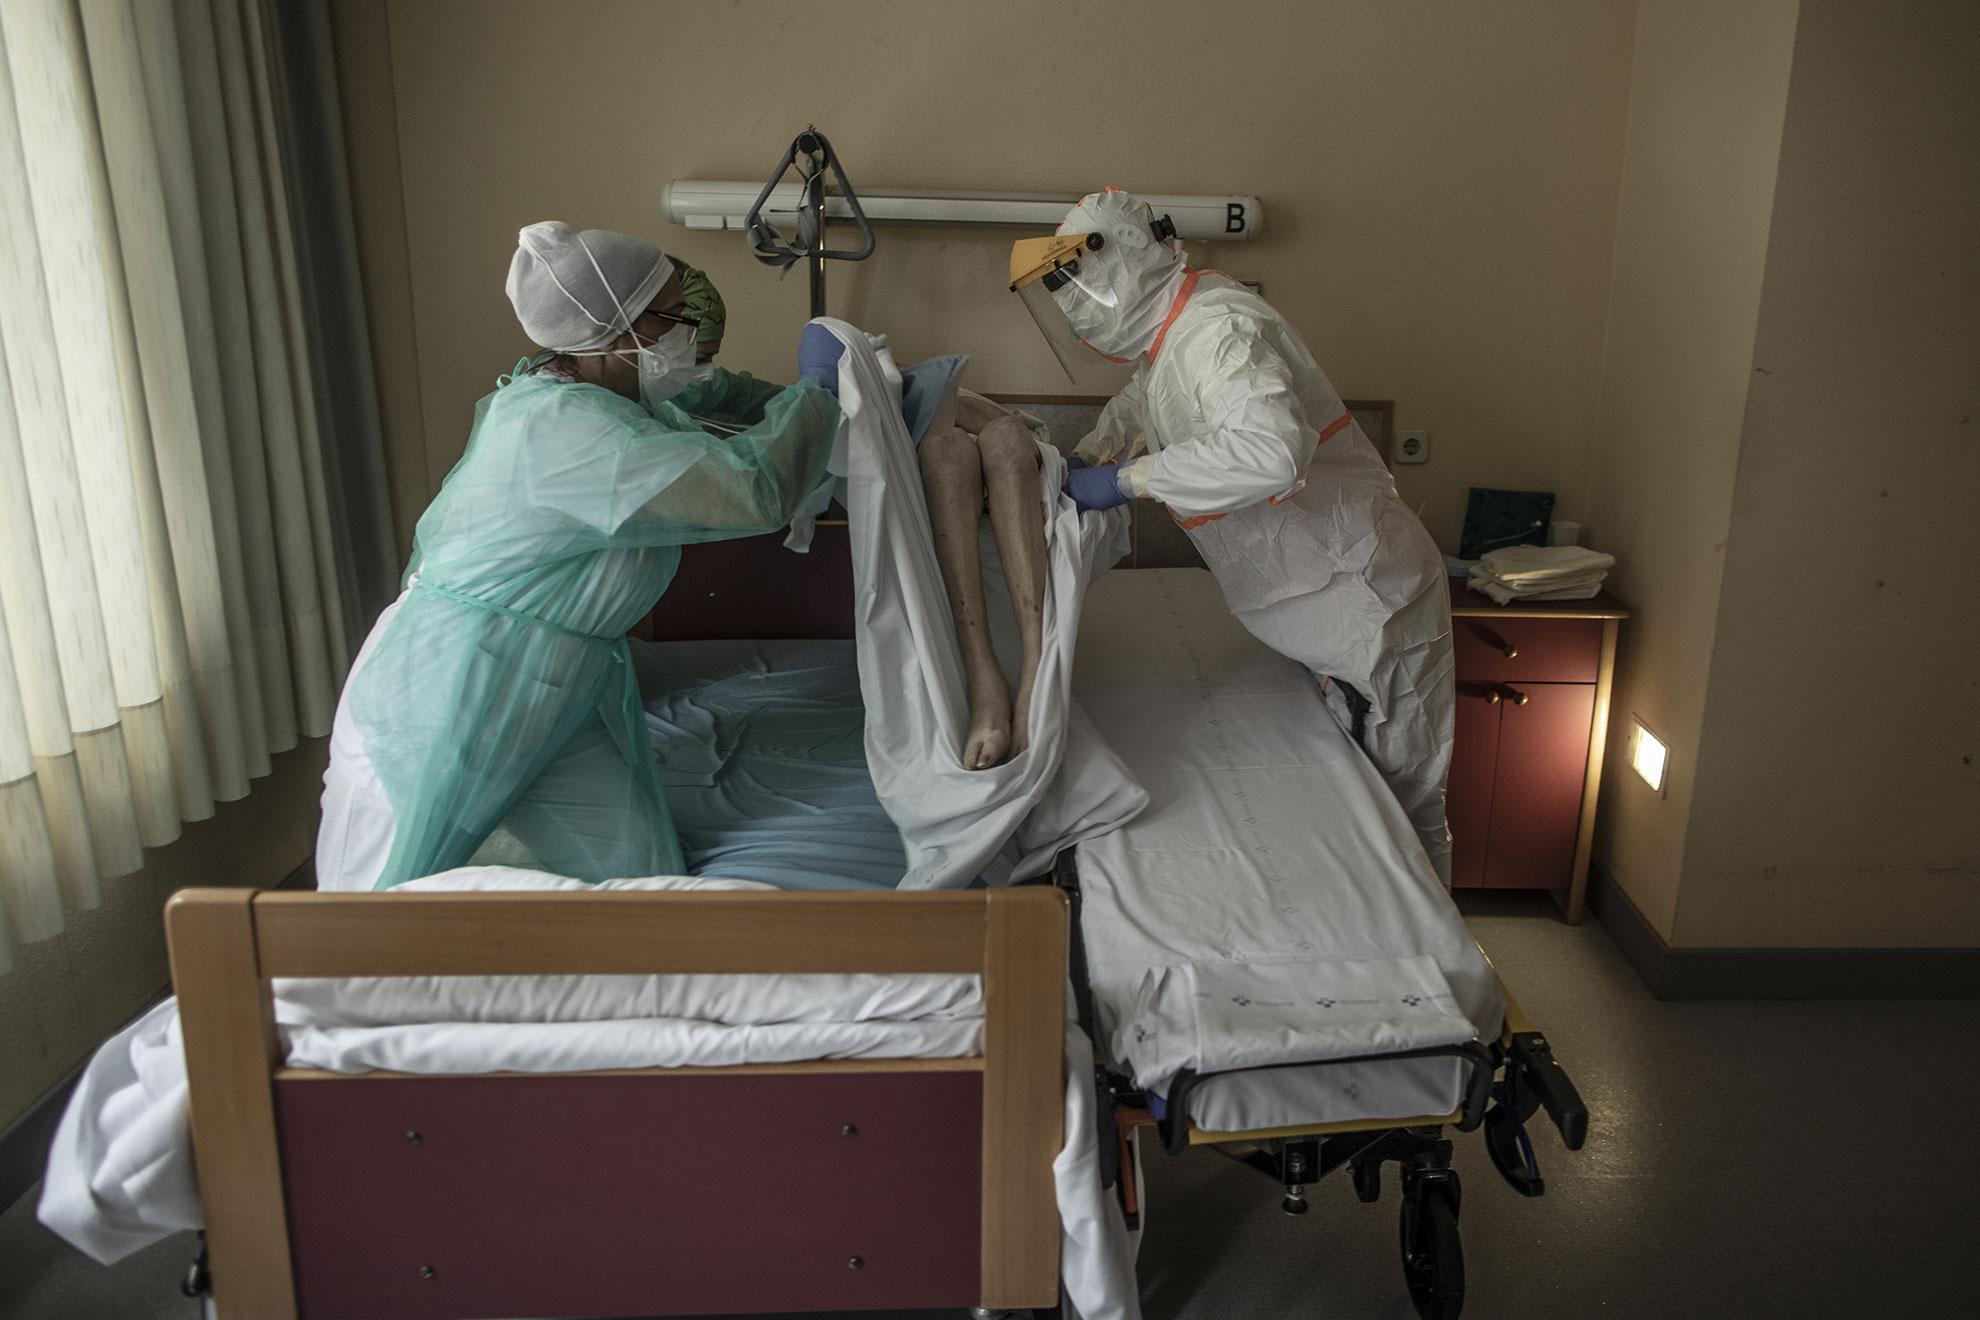 En esta foto tomada el pasado 23 de Abril, Pablo, un paramédico del servicio de ambulancia, y personal sanitario de una residencia de ancianos transfieren a una mujer con síntomas de COVID a una camilla para ser trasladada al Hospital de la Universidad Central de Asturias. A pesar de ser dada de alta hace casi un mes después de sufrir COVID-19, este paciente repite los síntomas. Oviedo, Asturias, España.